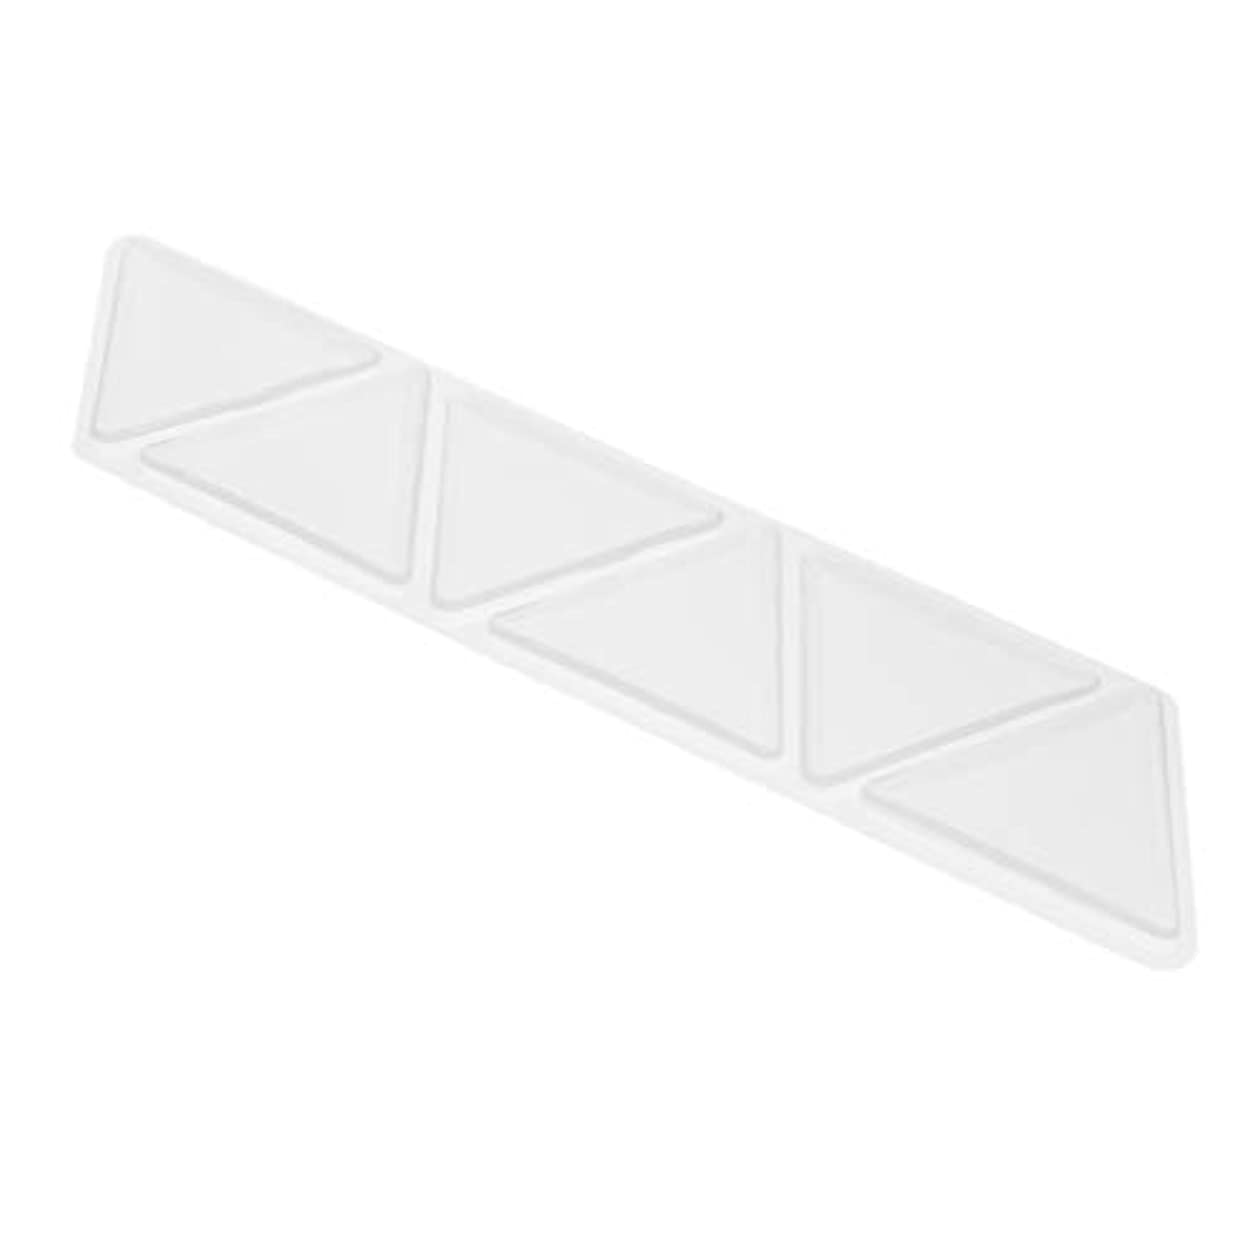 民間人不安の中でシリコーン アンチリンクル 額 パッド パッチスキンケア 三角パッド 6個セット